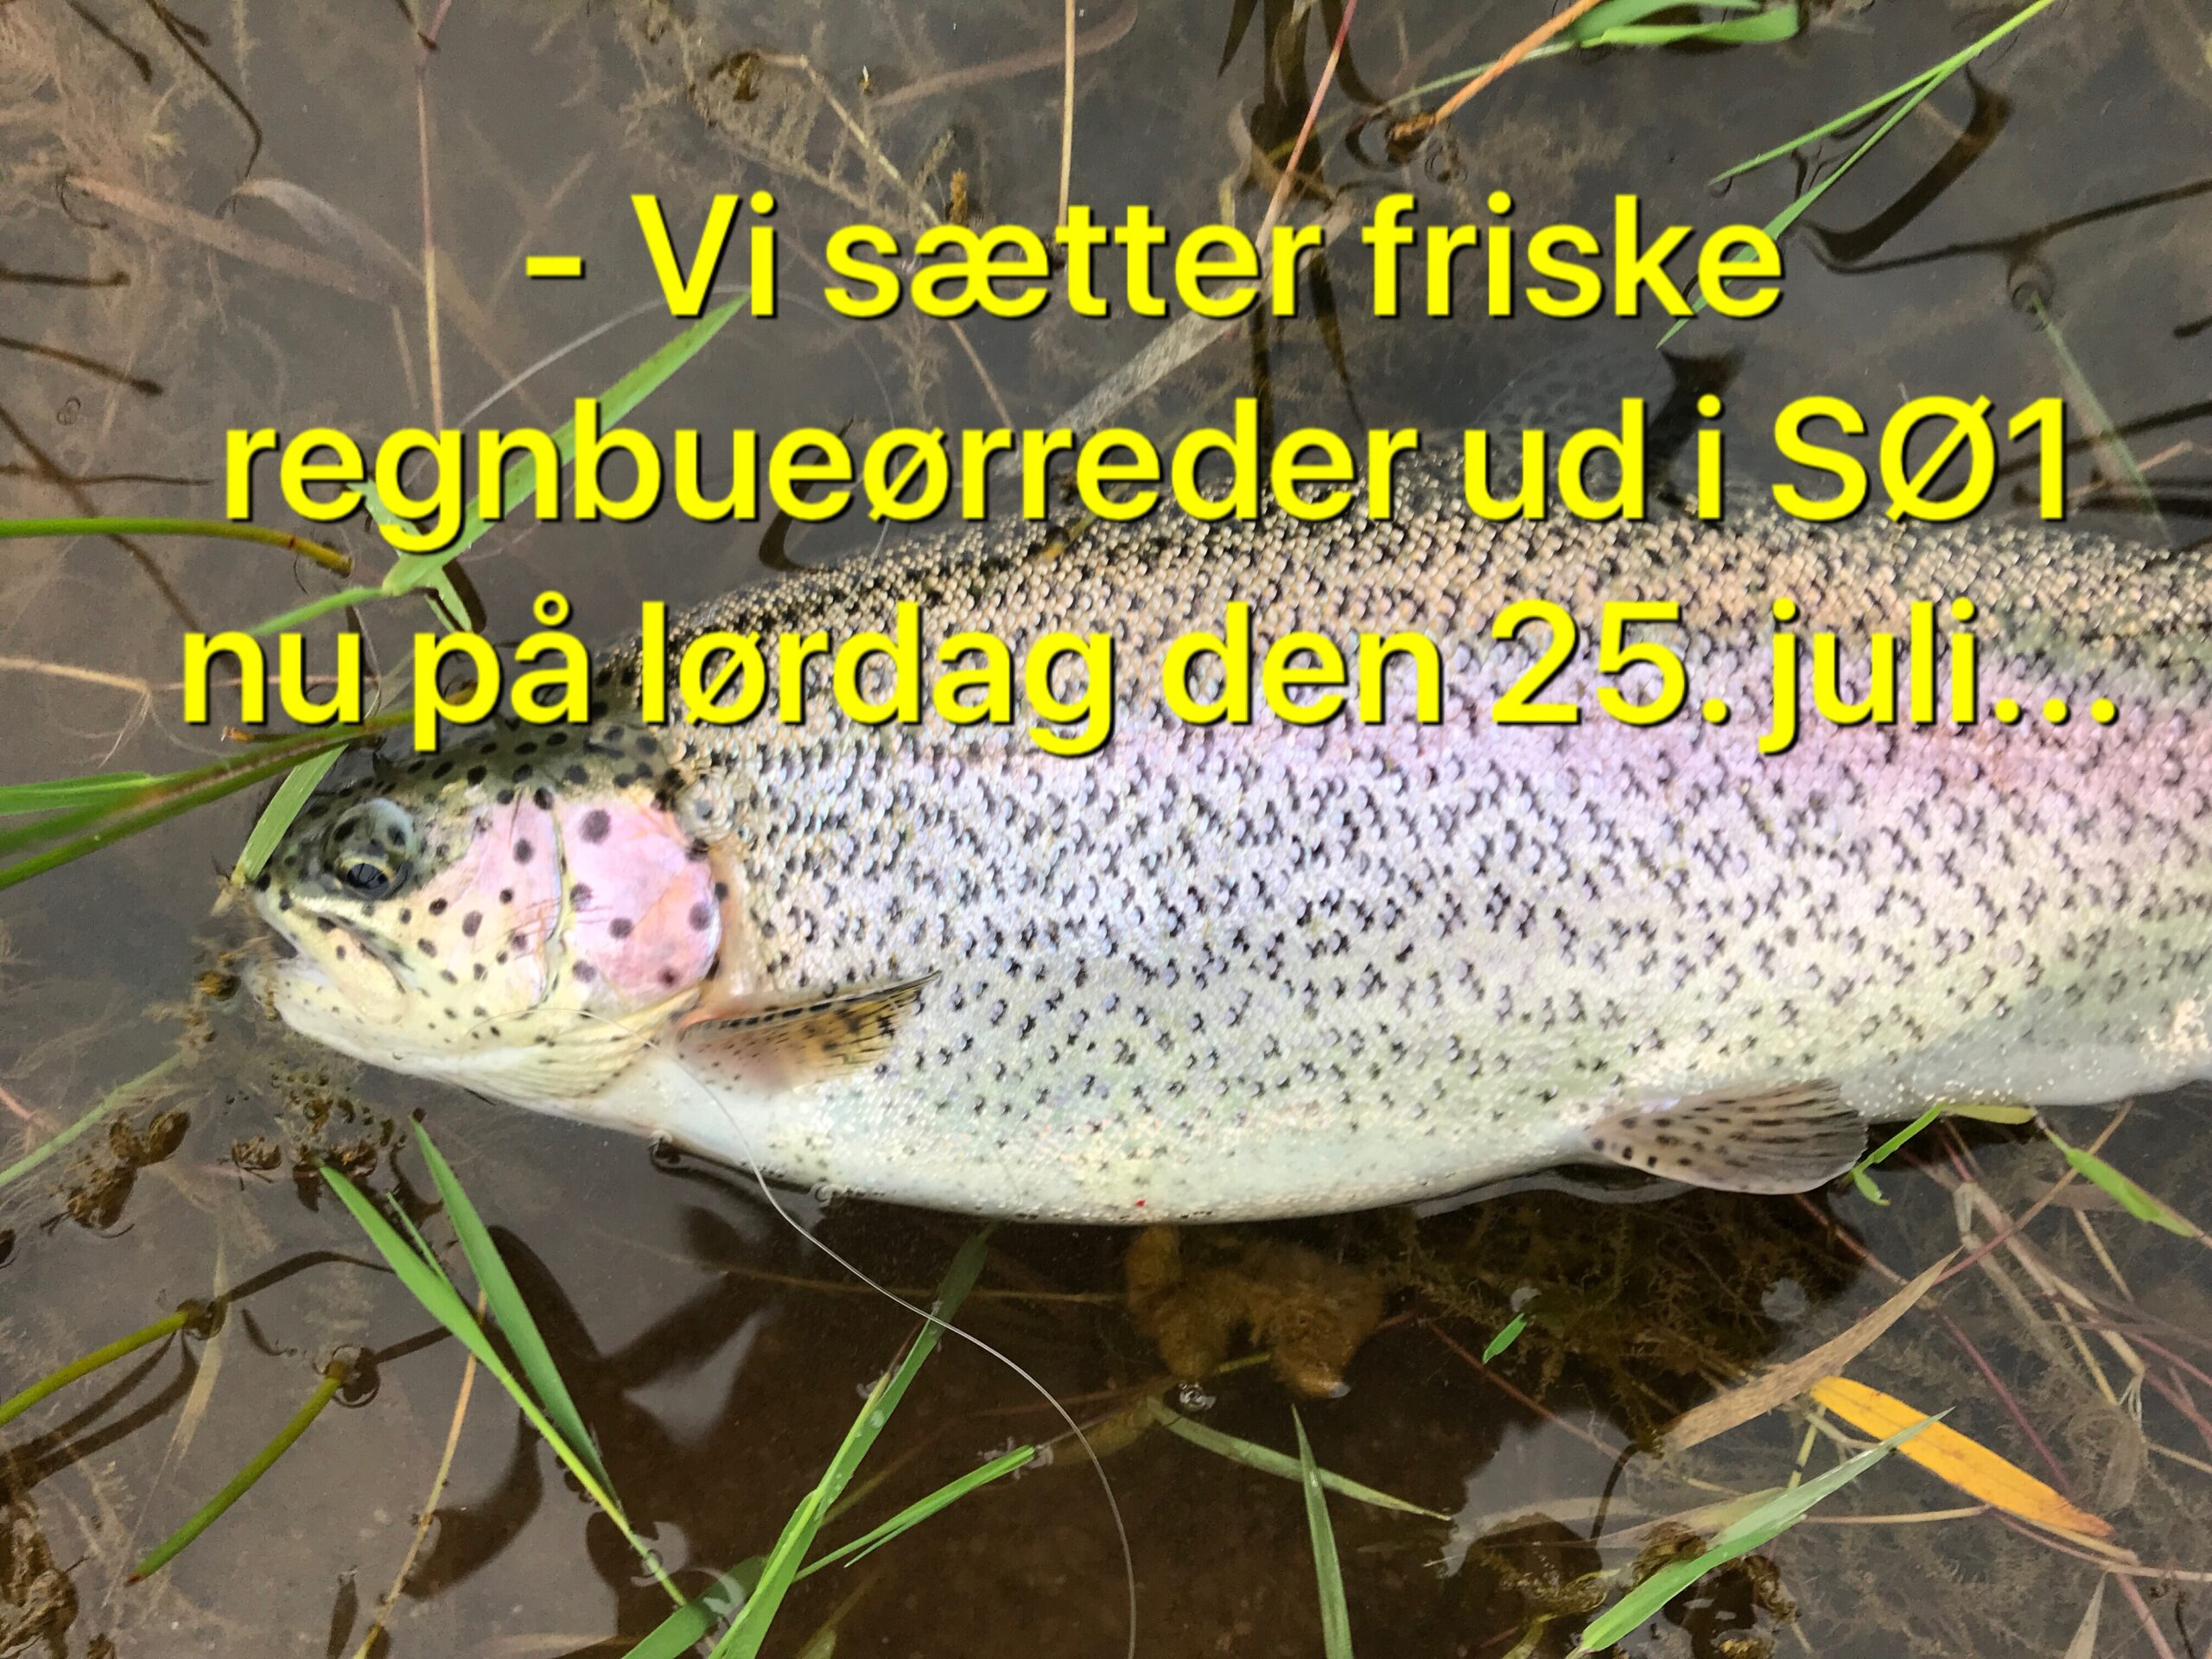 Mjøls Lystfiskeri: Nu på lørdag sættes der friske regnbuer ud i SØ1